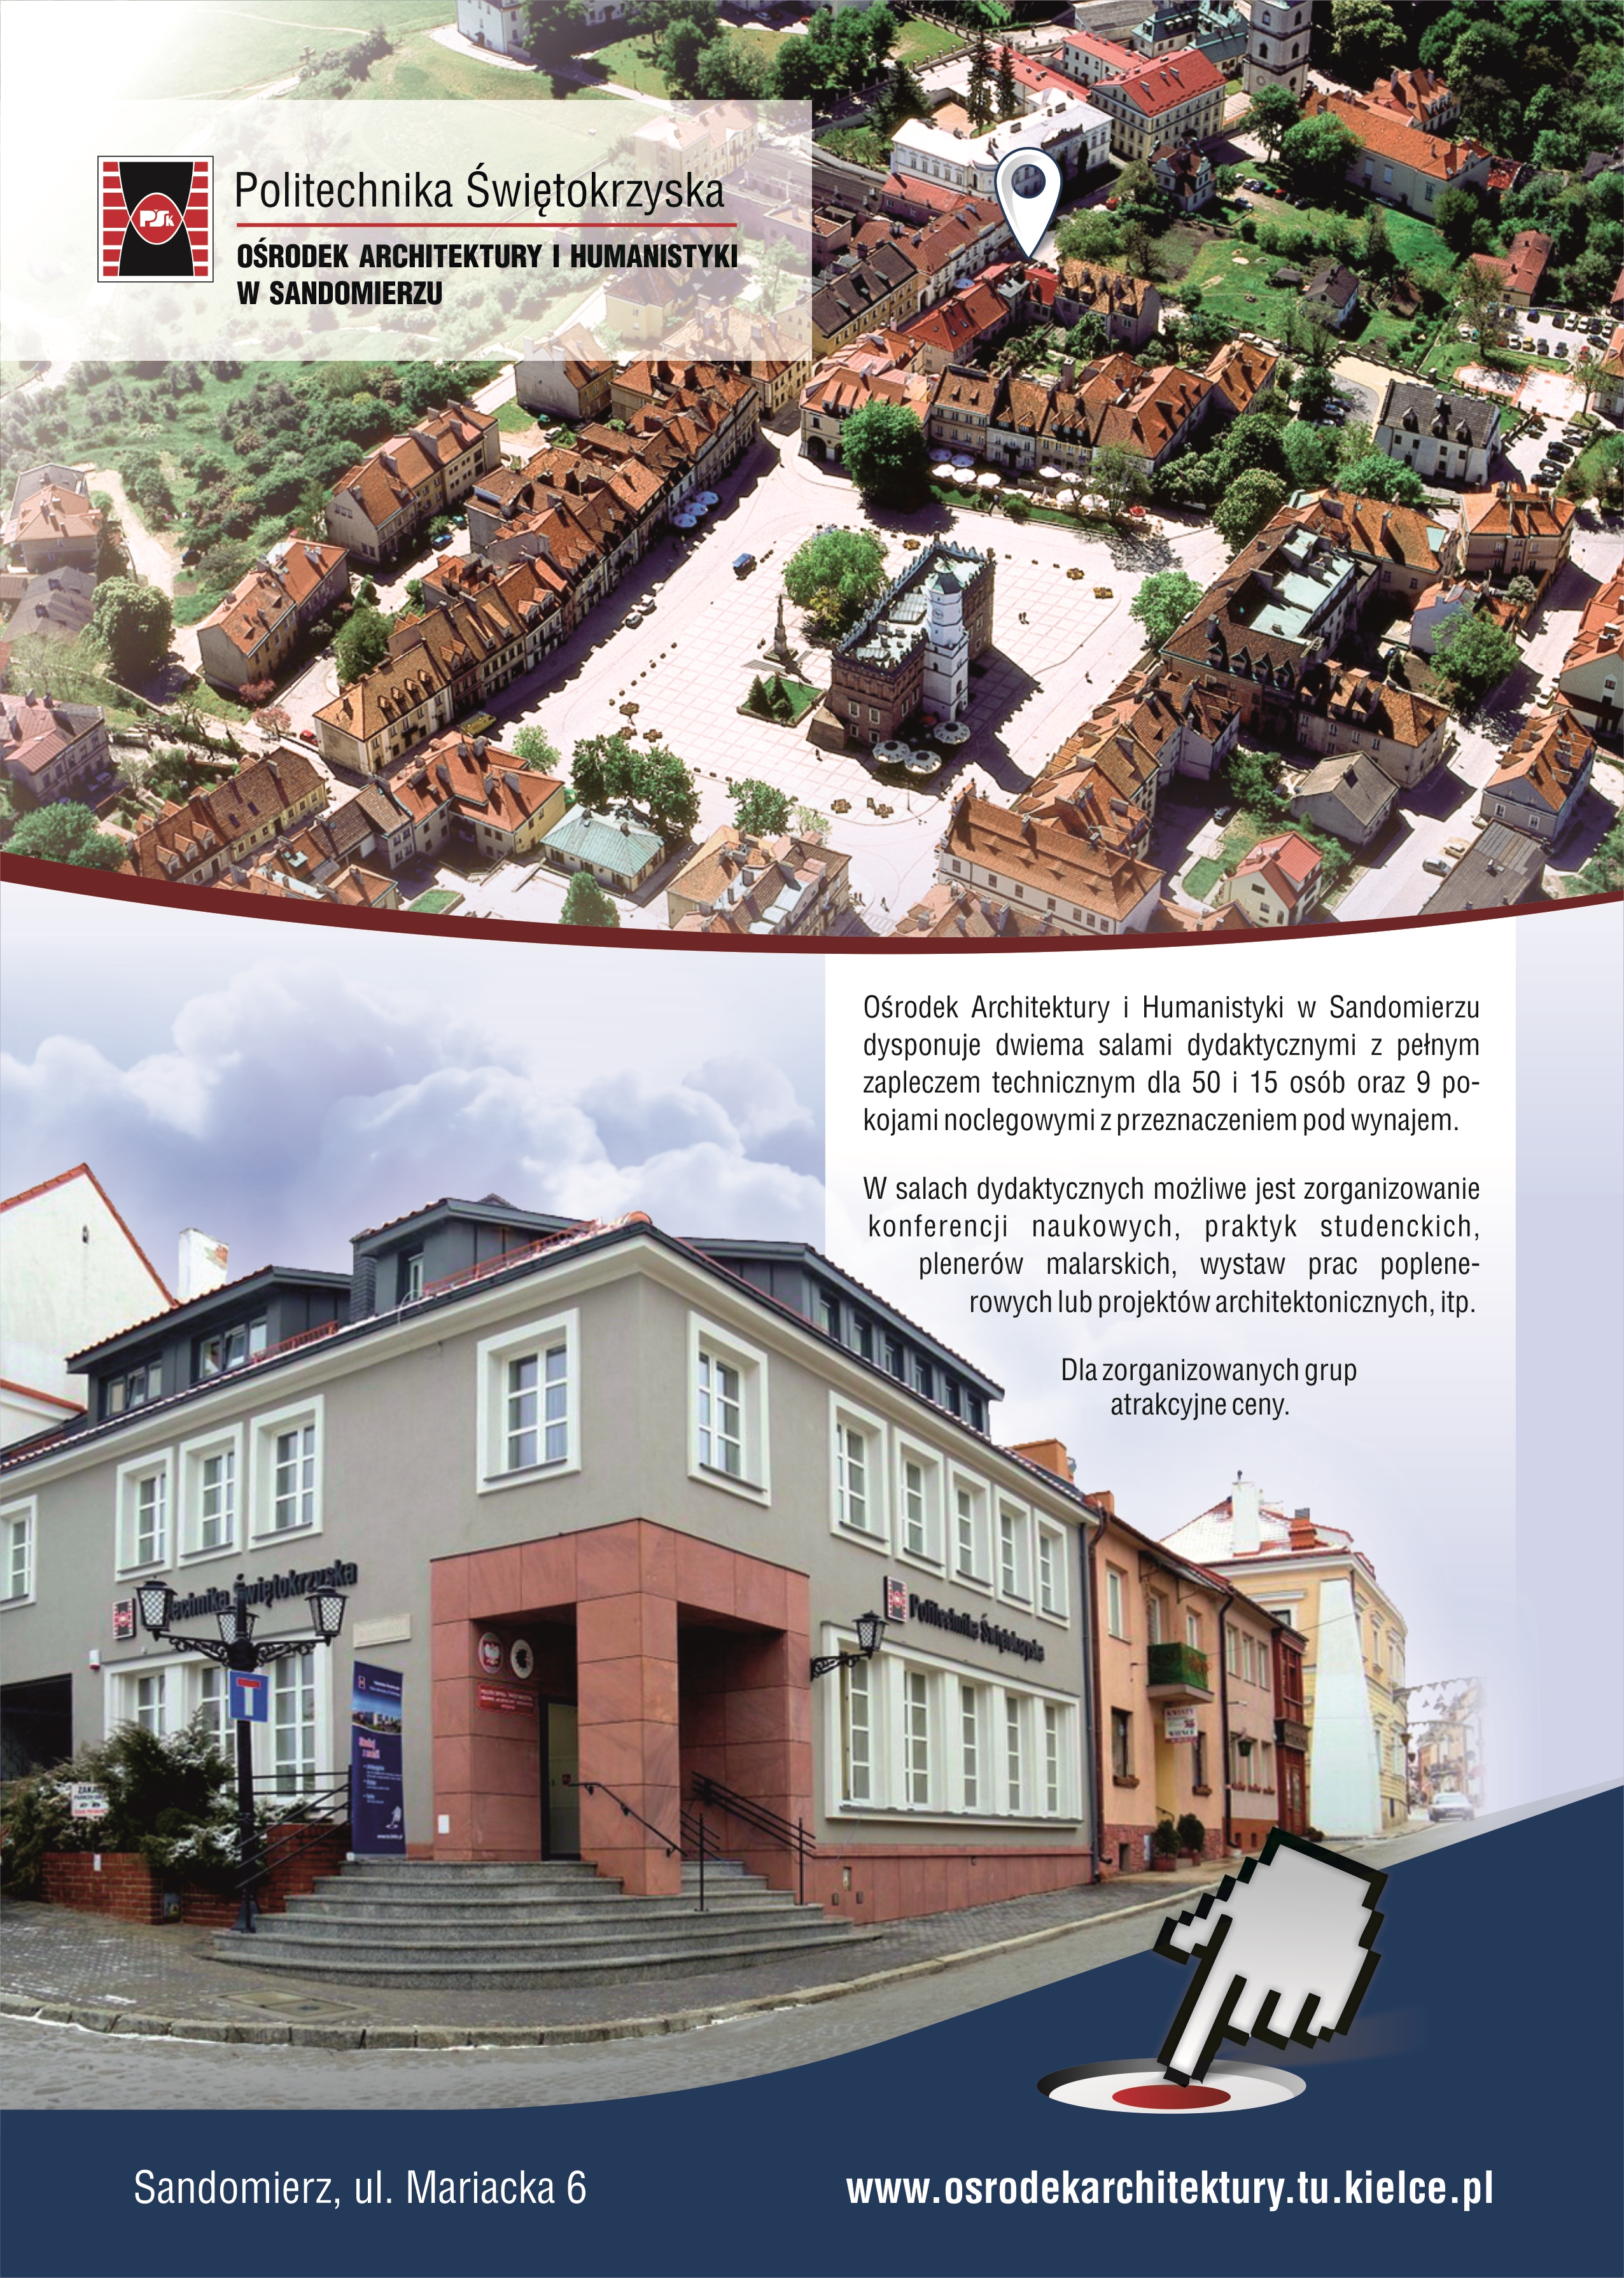 Ośrodek Architektury i Humanistyki w Sandomierzu